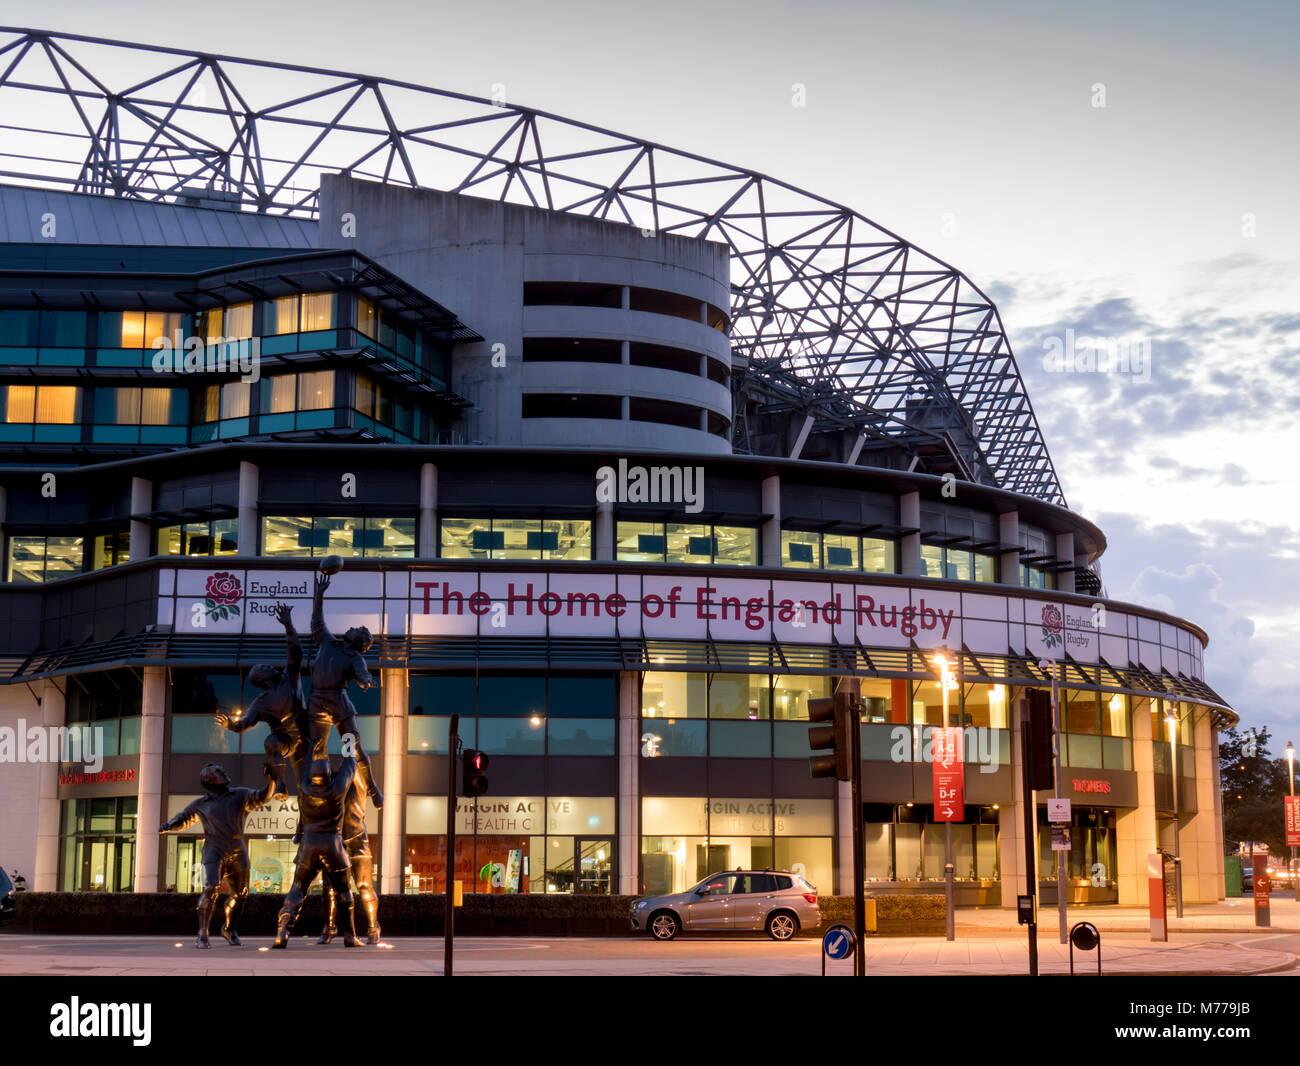 Twickenham Rugby Stadium dusk, Greater London, England, United Kingdom, Europe - Stock Image